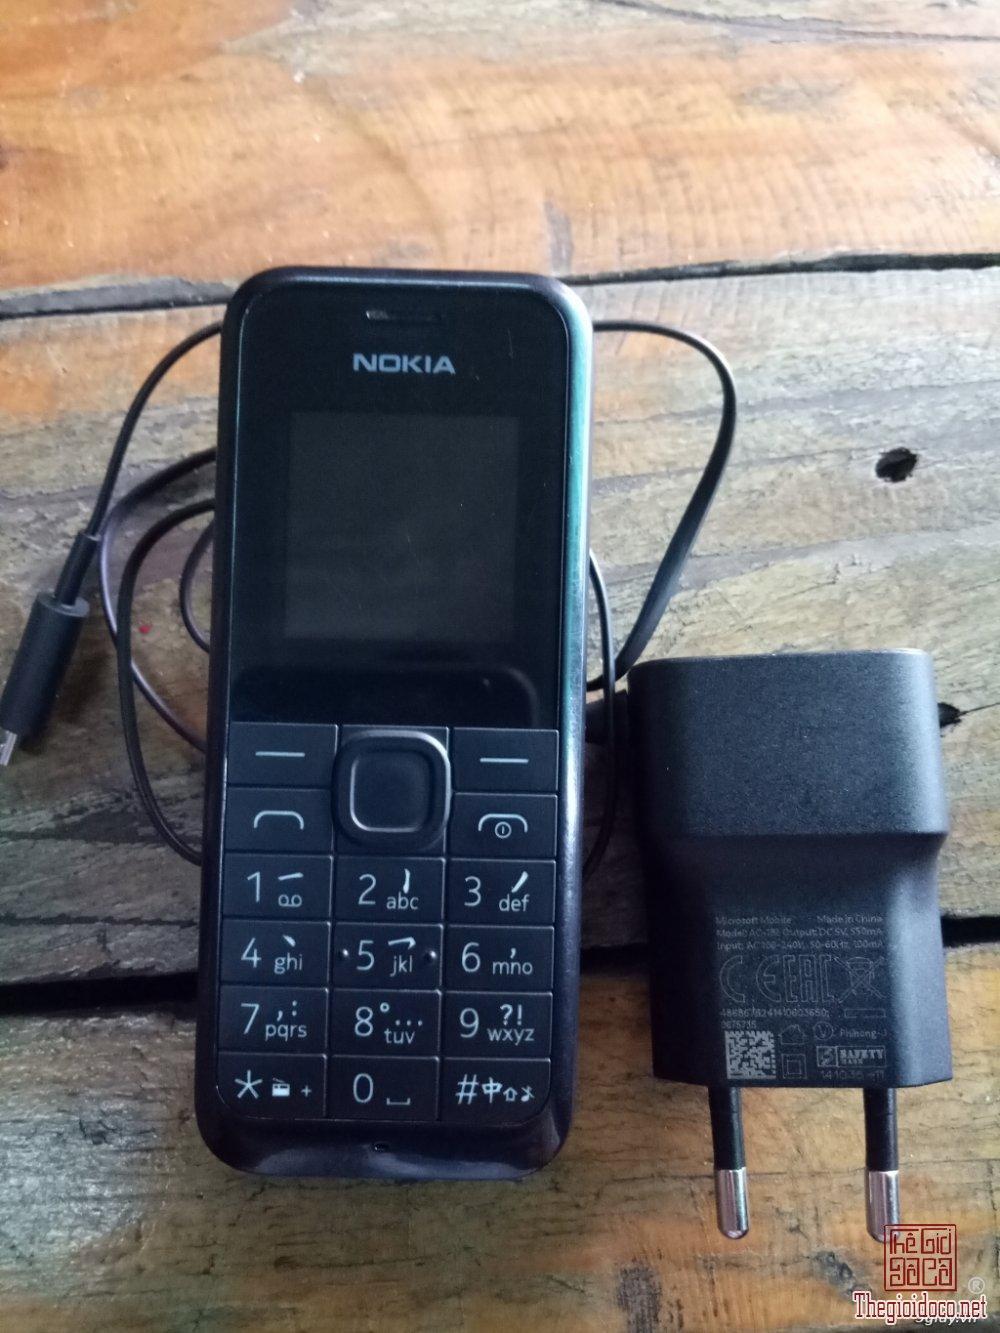 Oppo n1 mini (1).jpg